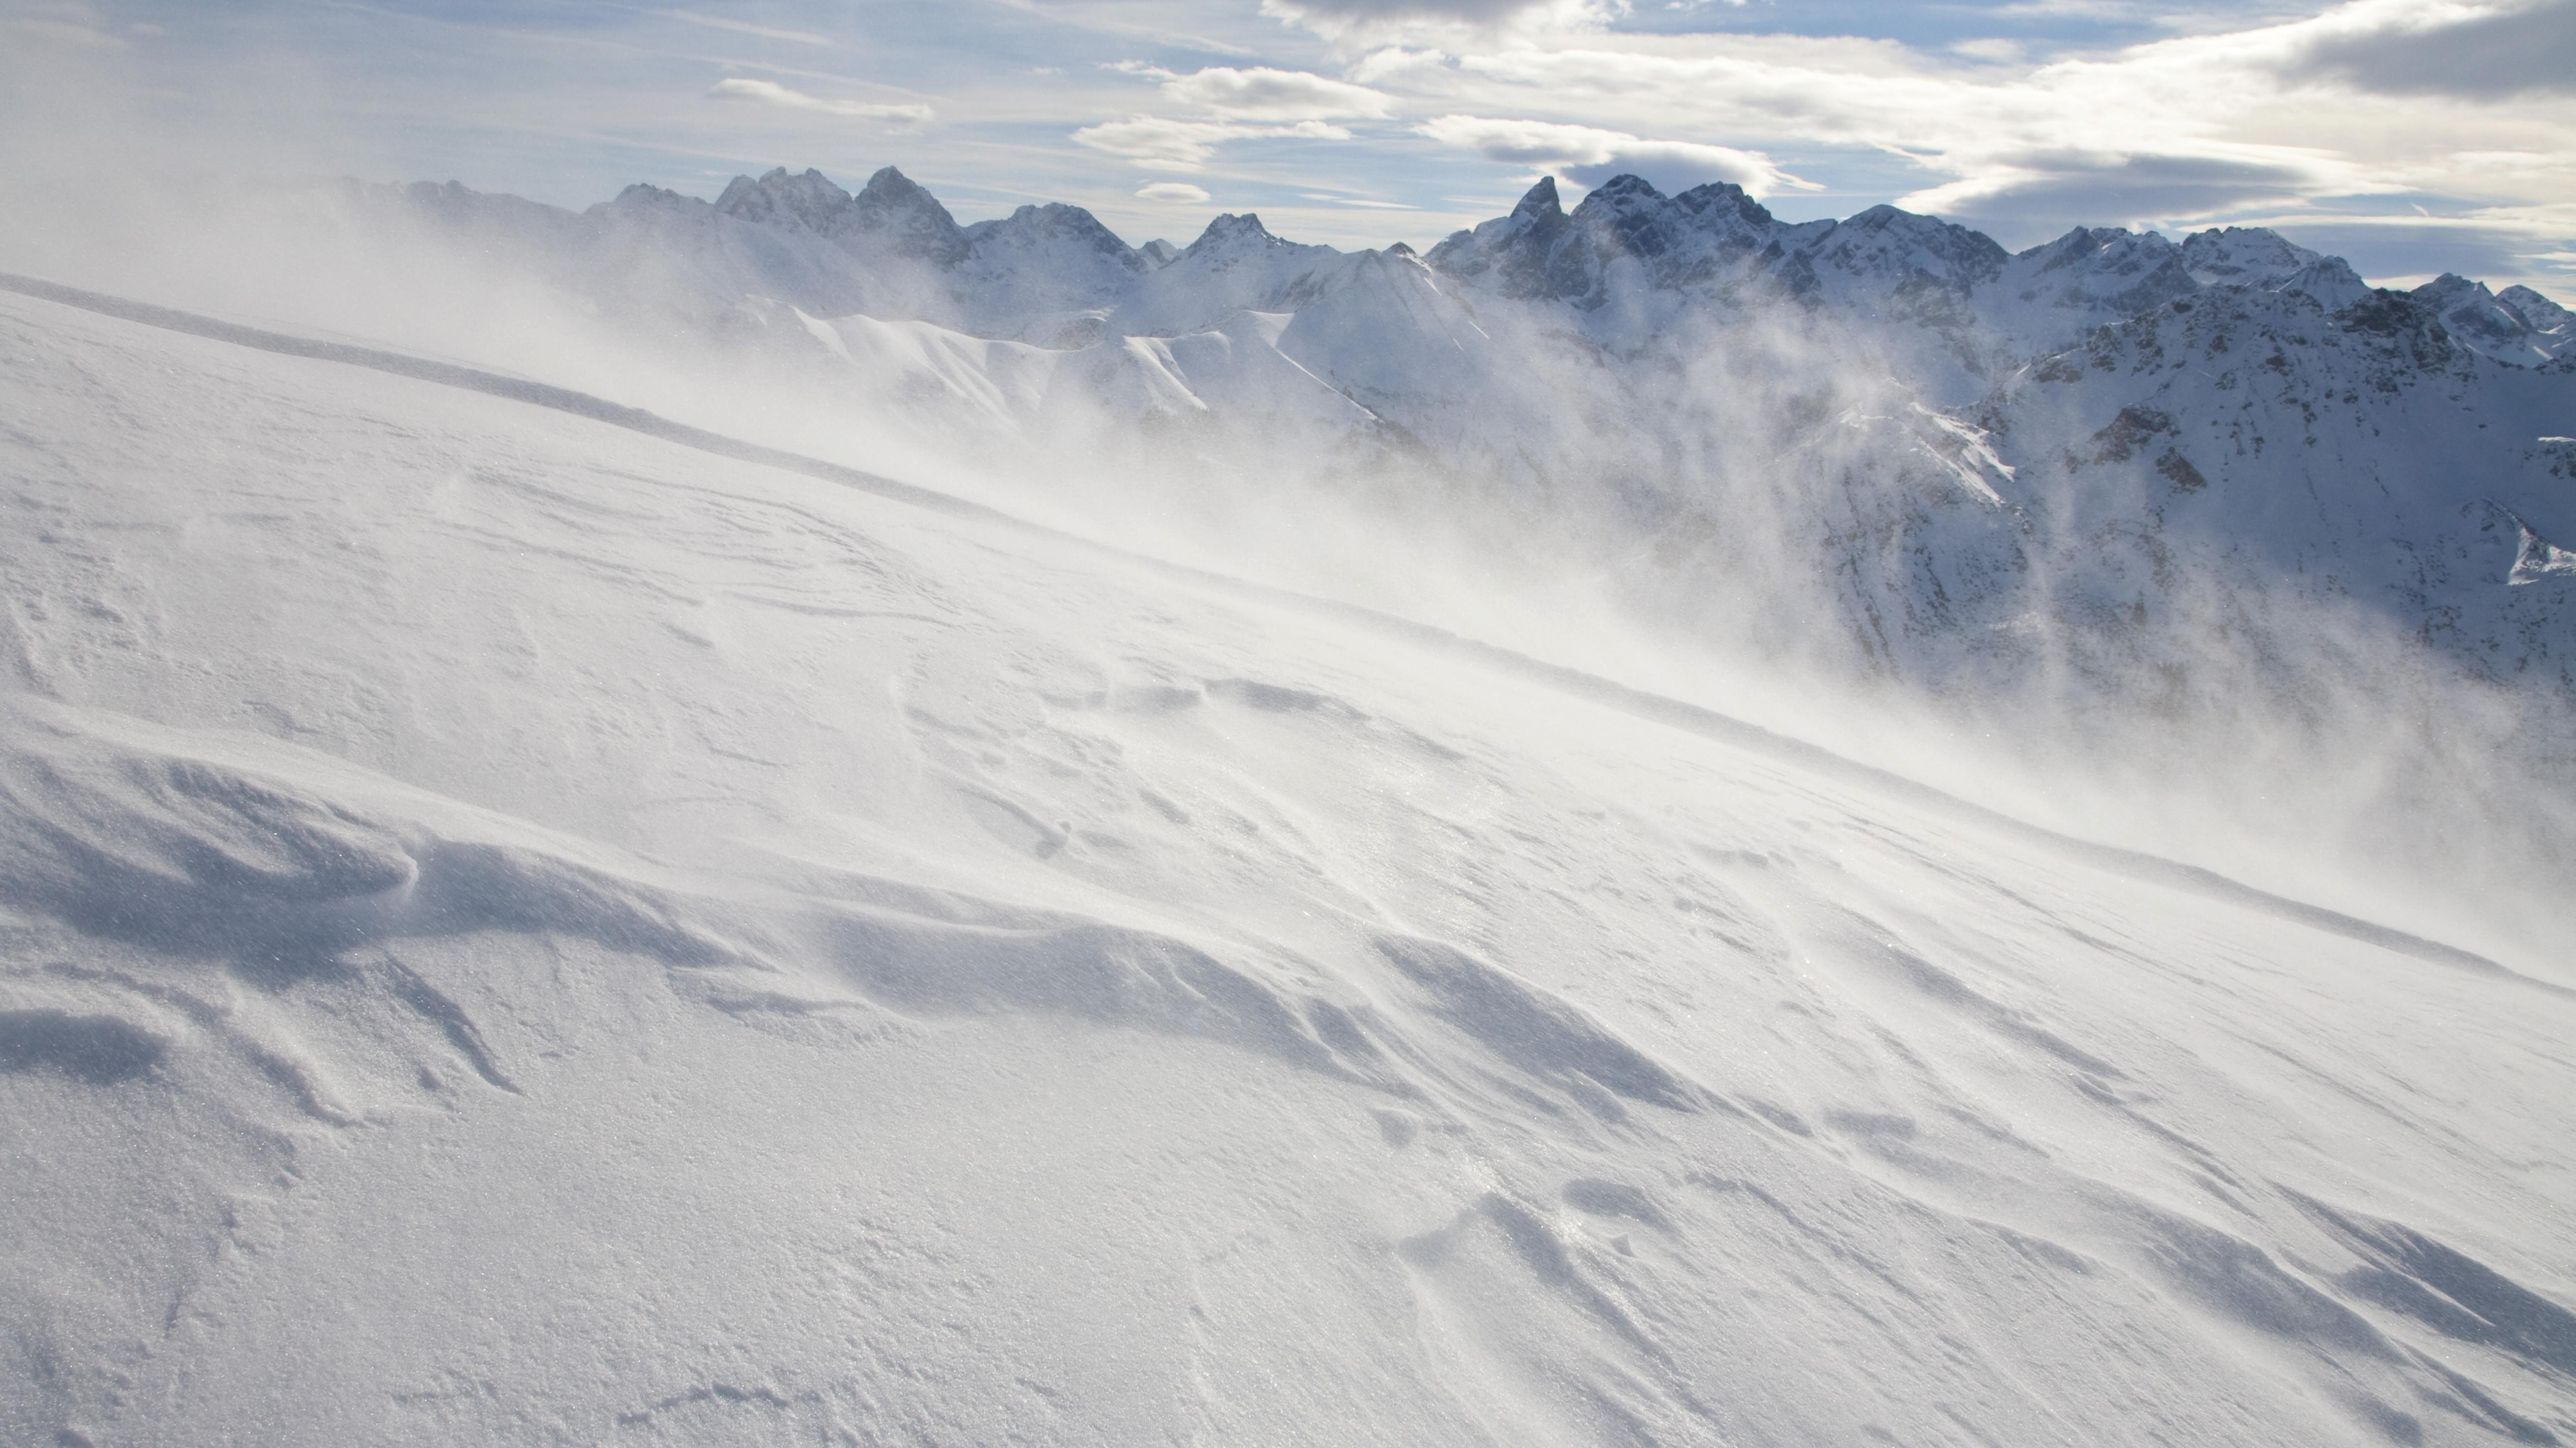 Schneesturm auf dem Fellhorn, Allgäuer Alpen (Archiv)